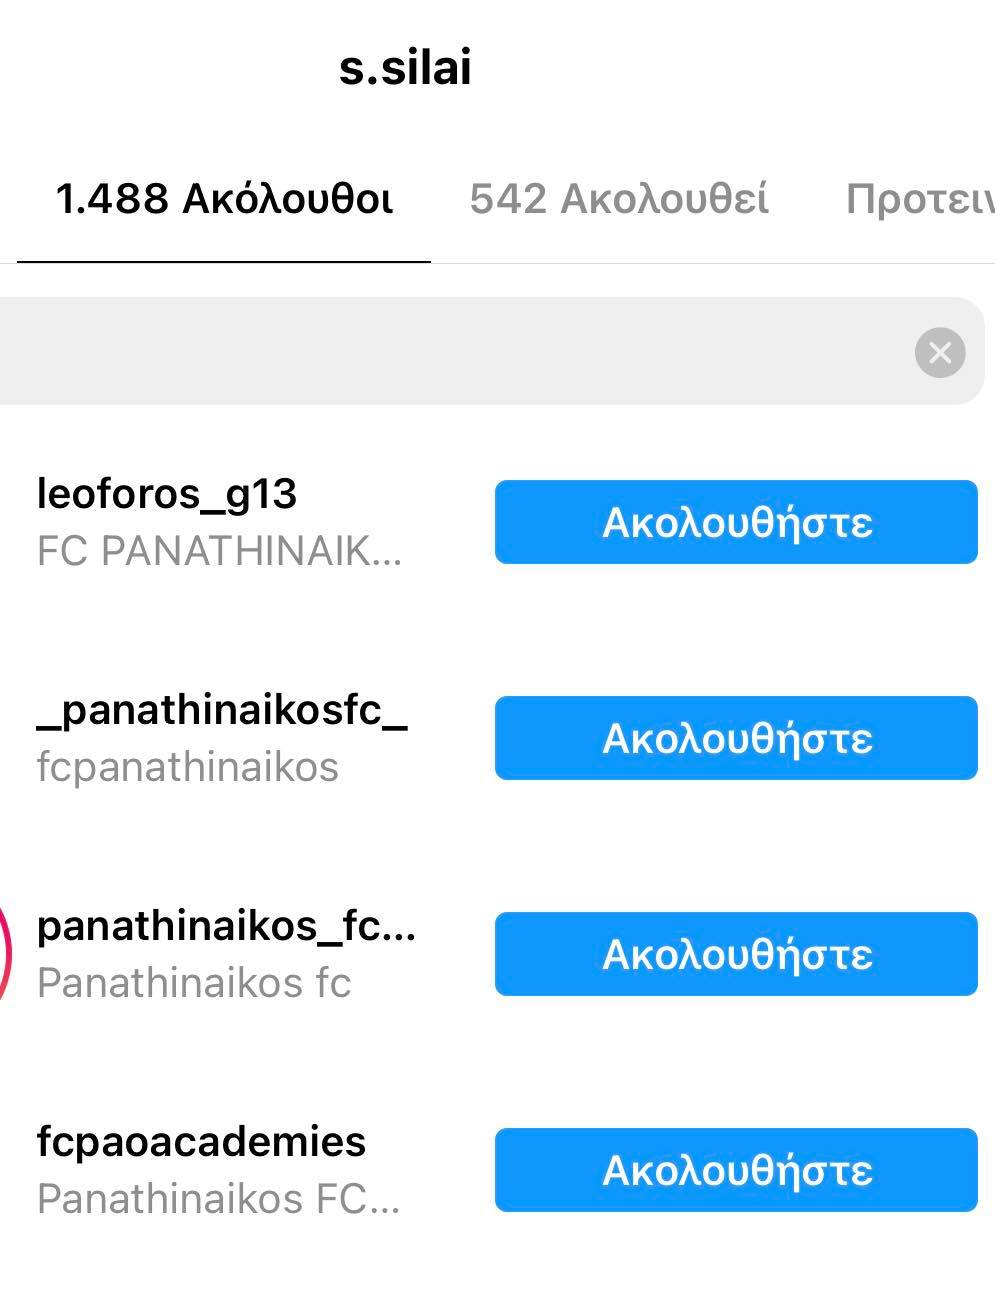 Έκανε «unfollow» τον Συλαϊδόπουλο η ΠΑΕ Παναθηναϊκός (pic)